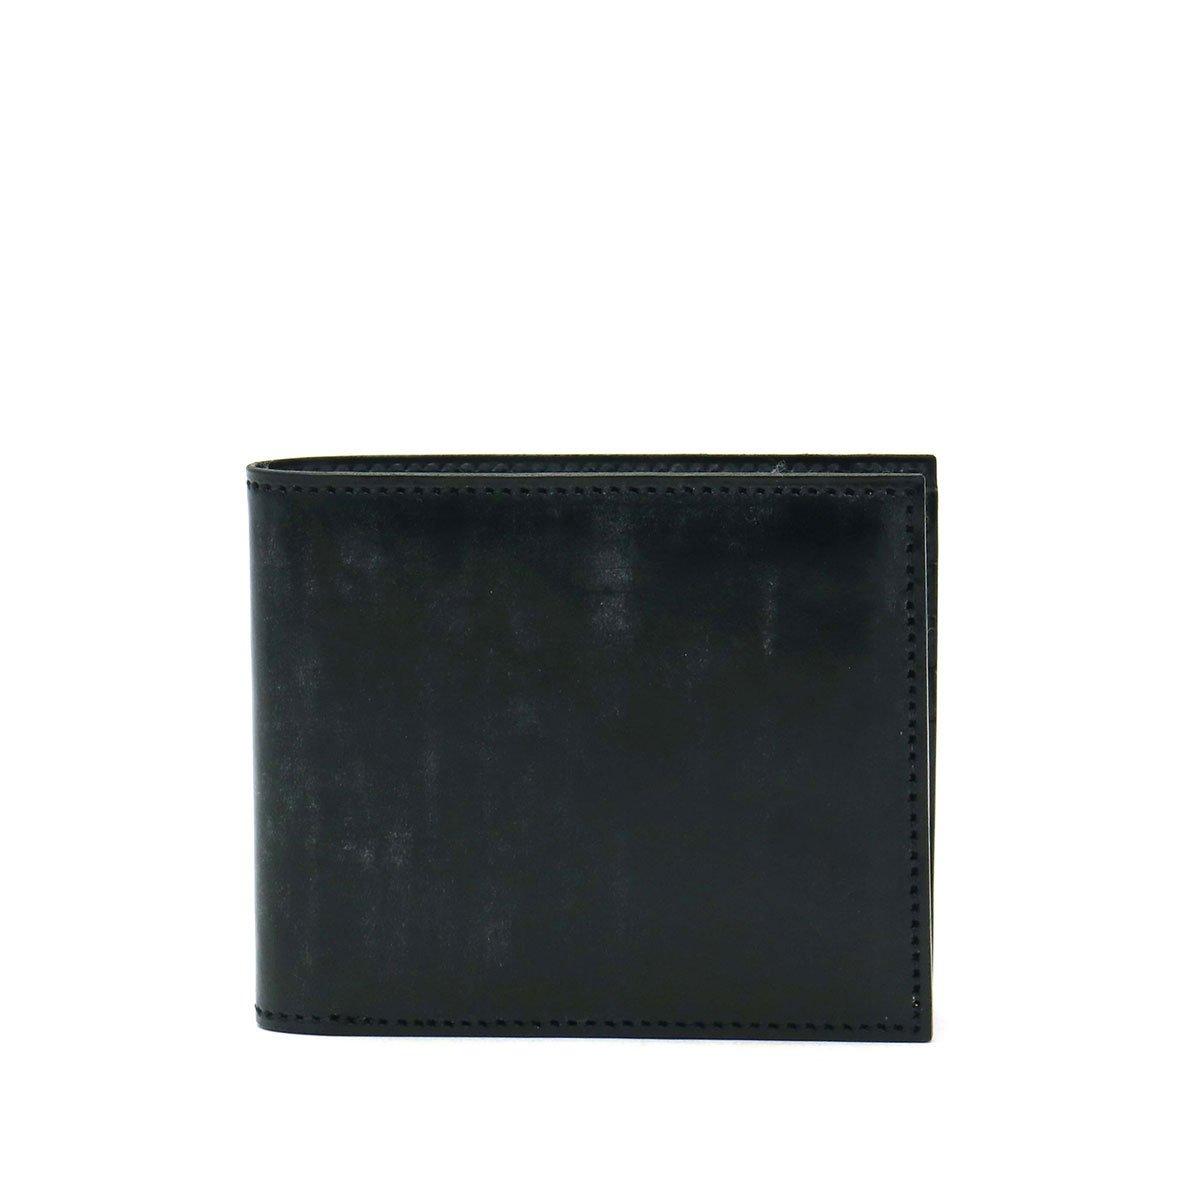 [ファイブウッズ]FIVE WOODS ベーシックス ブライドル BASICS bridle BILLFOLD 二つ折り財布 43015 B07C4NK2YD ブラック